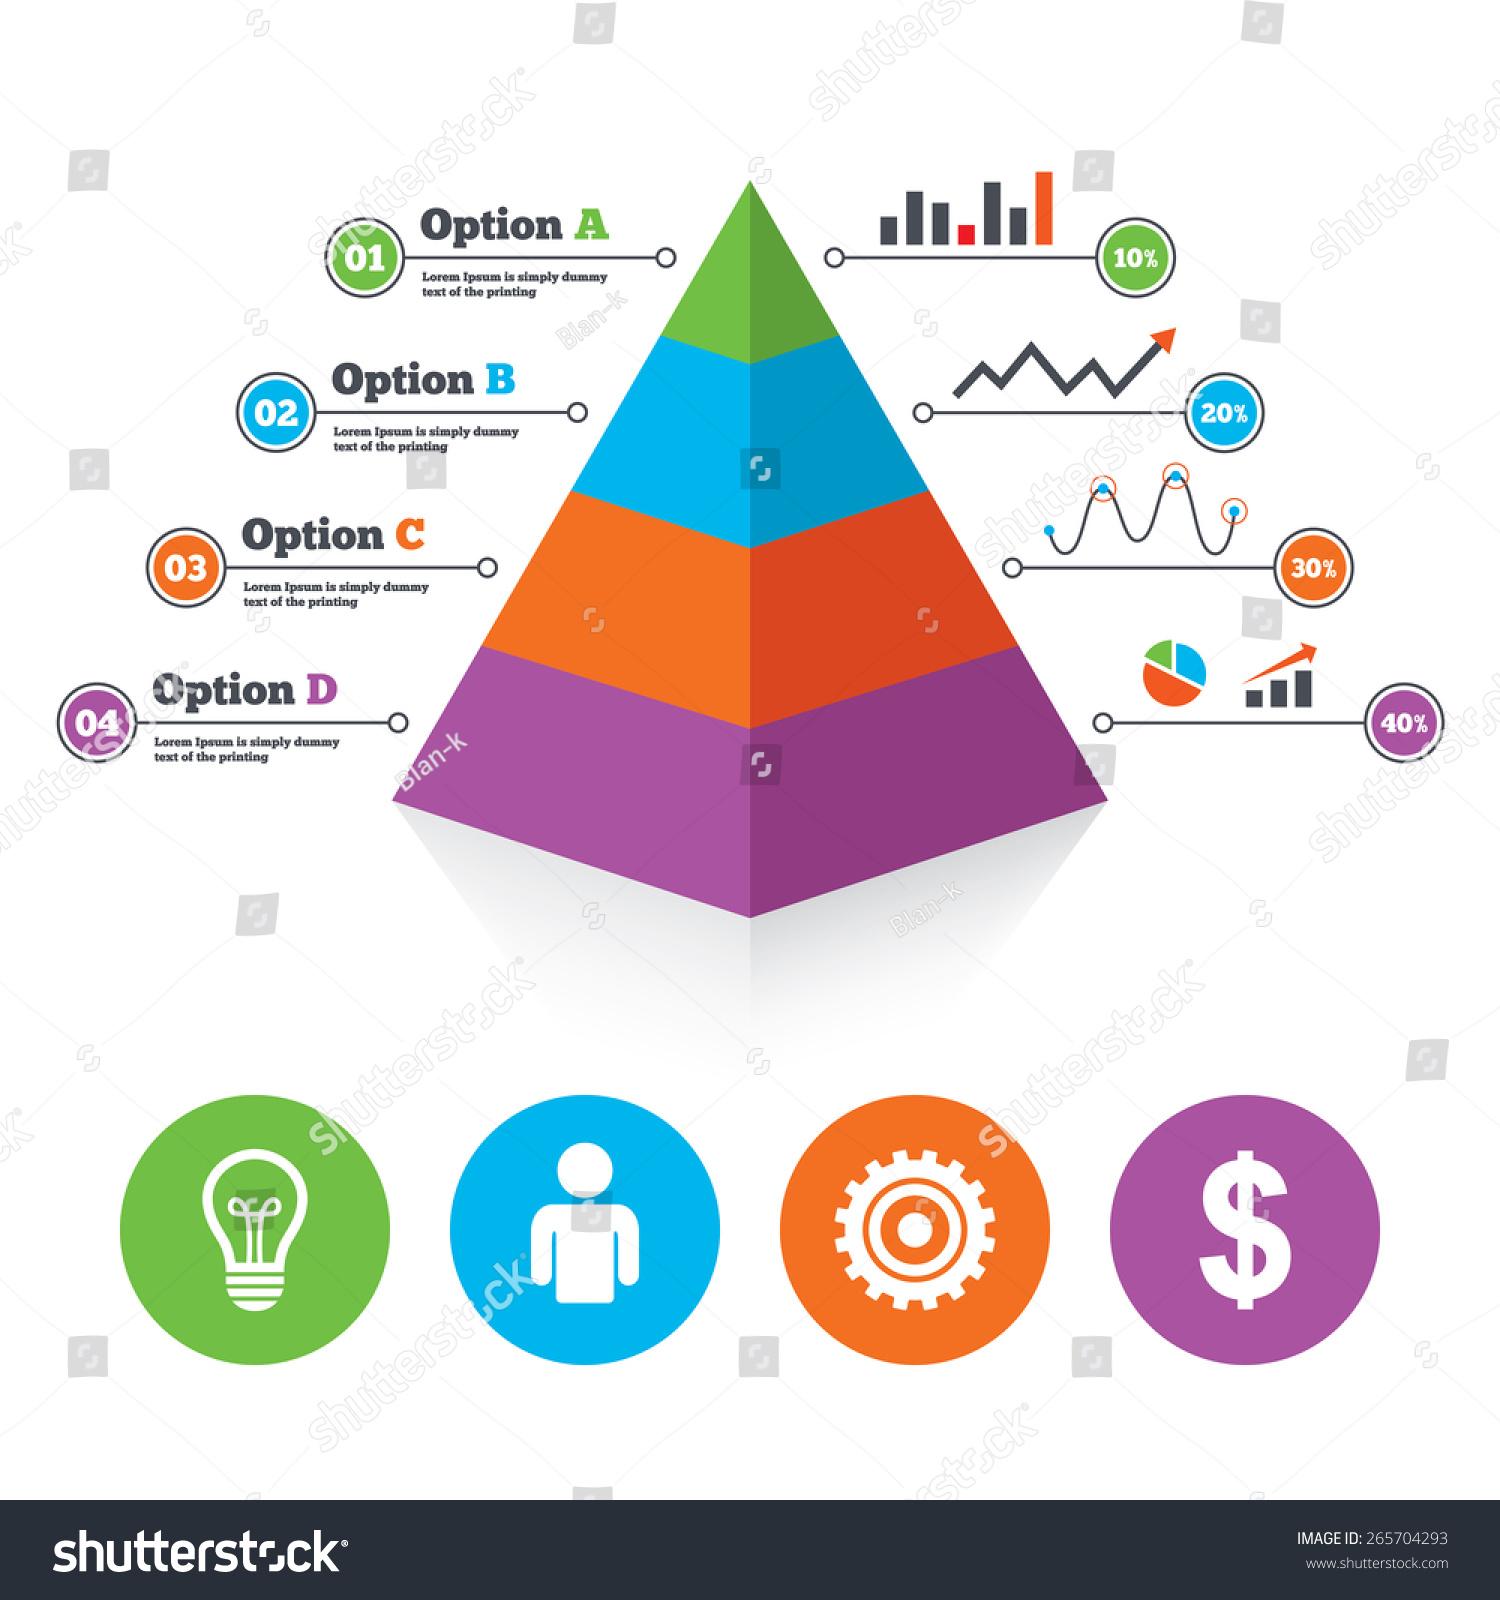 金字塔图模板.业务图标.人类的轮廓和灯泡的想法的